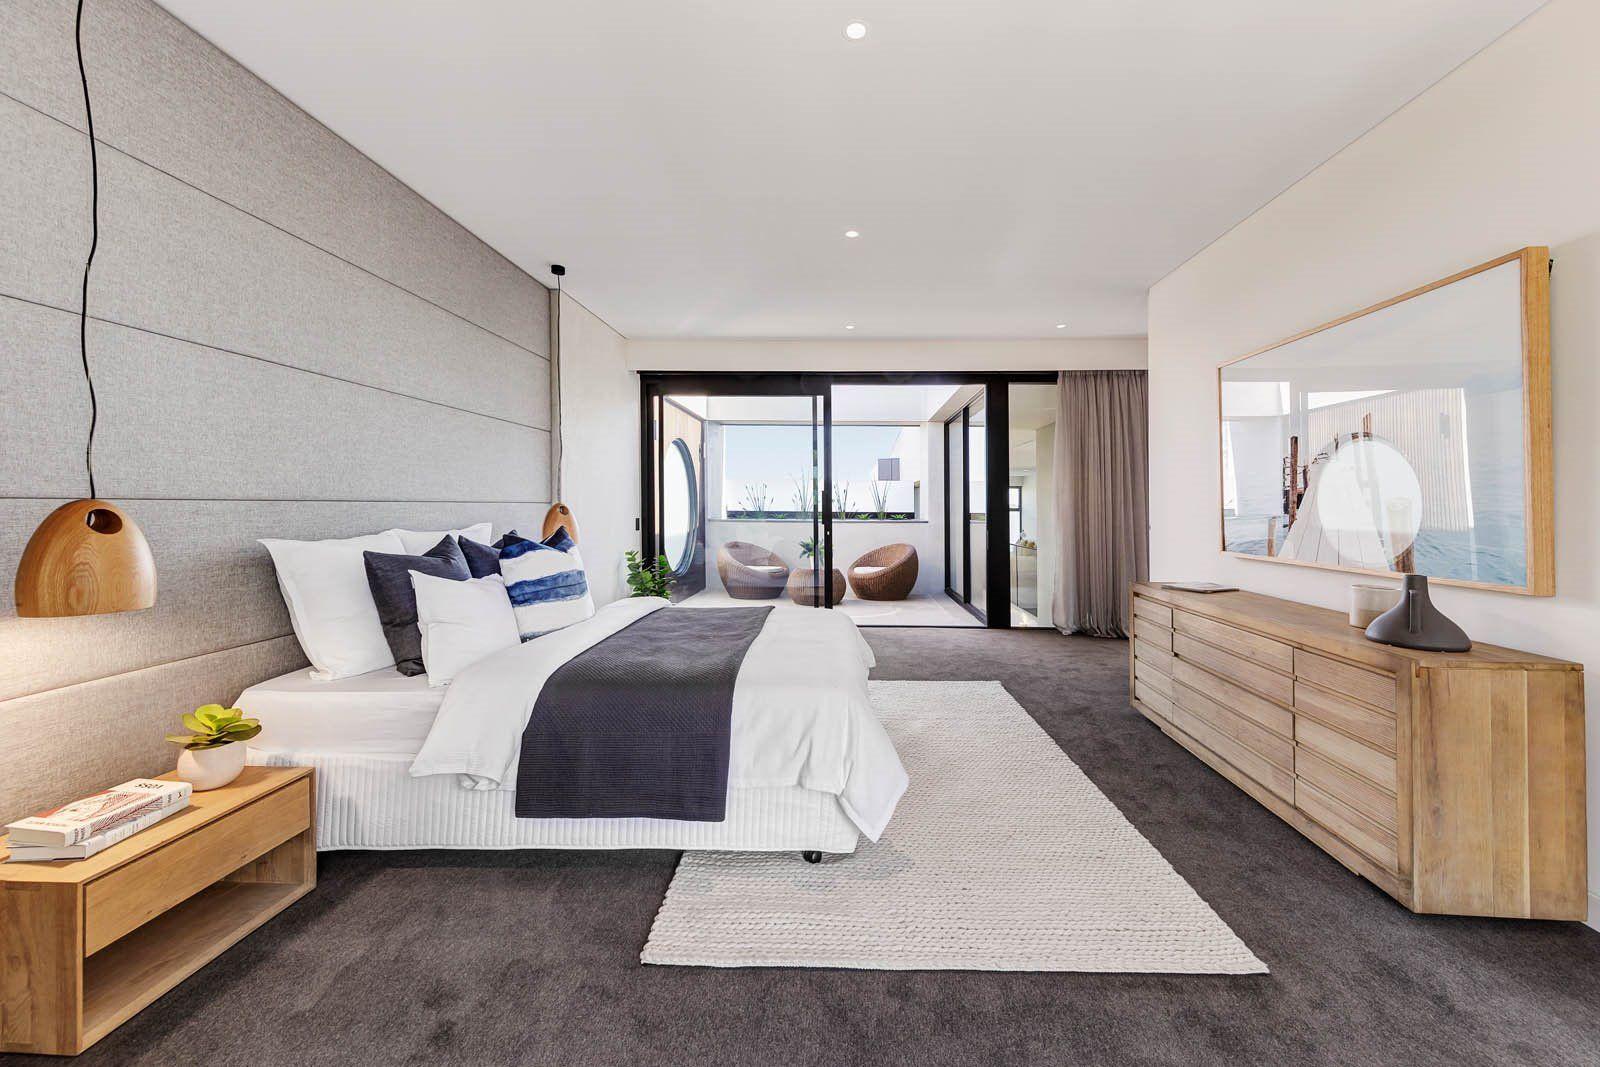 Decoración de interiores acogedora, cálida y sofisticada de habitación principal